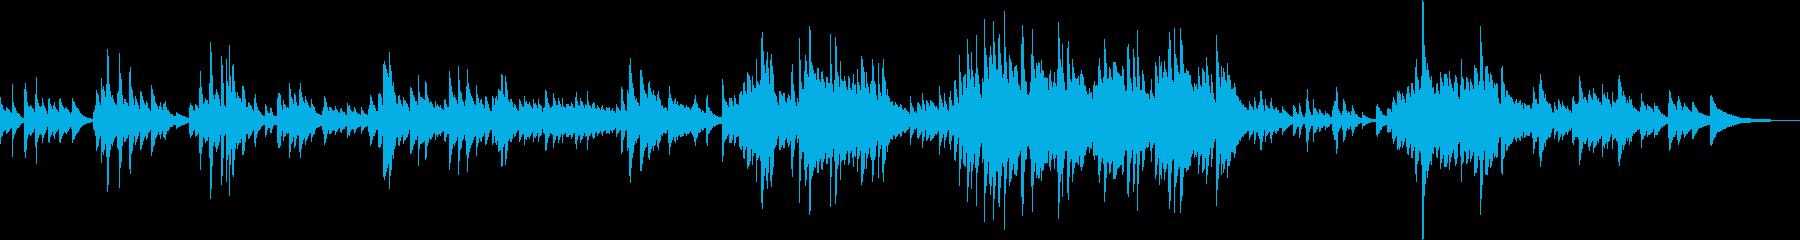 切なくて優しいピアノ曲(温かい、感動的)の再生済みの波形